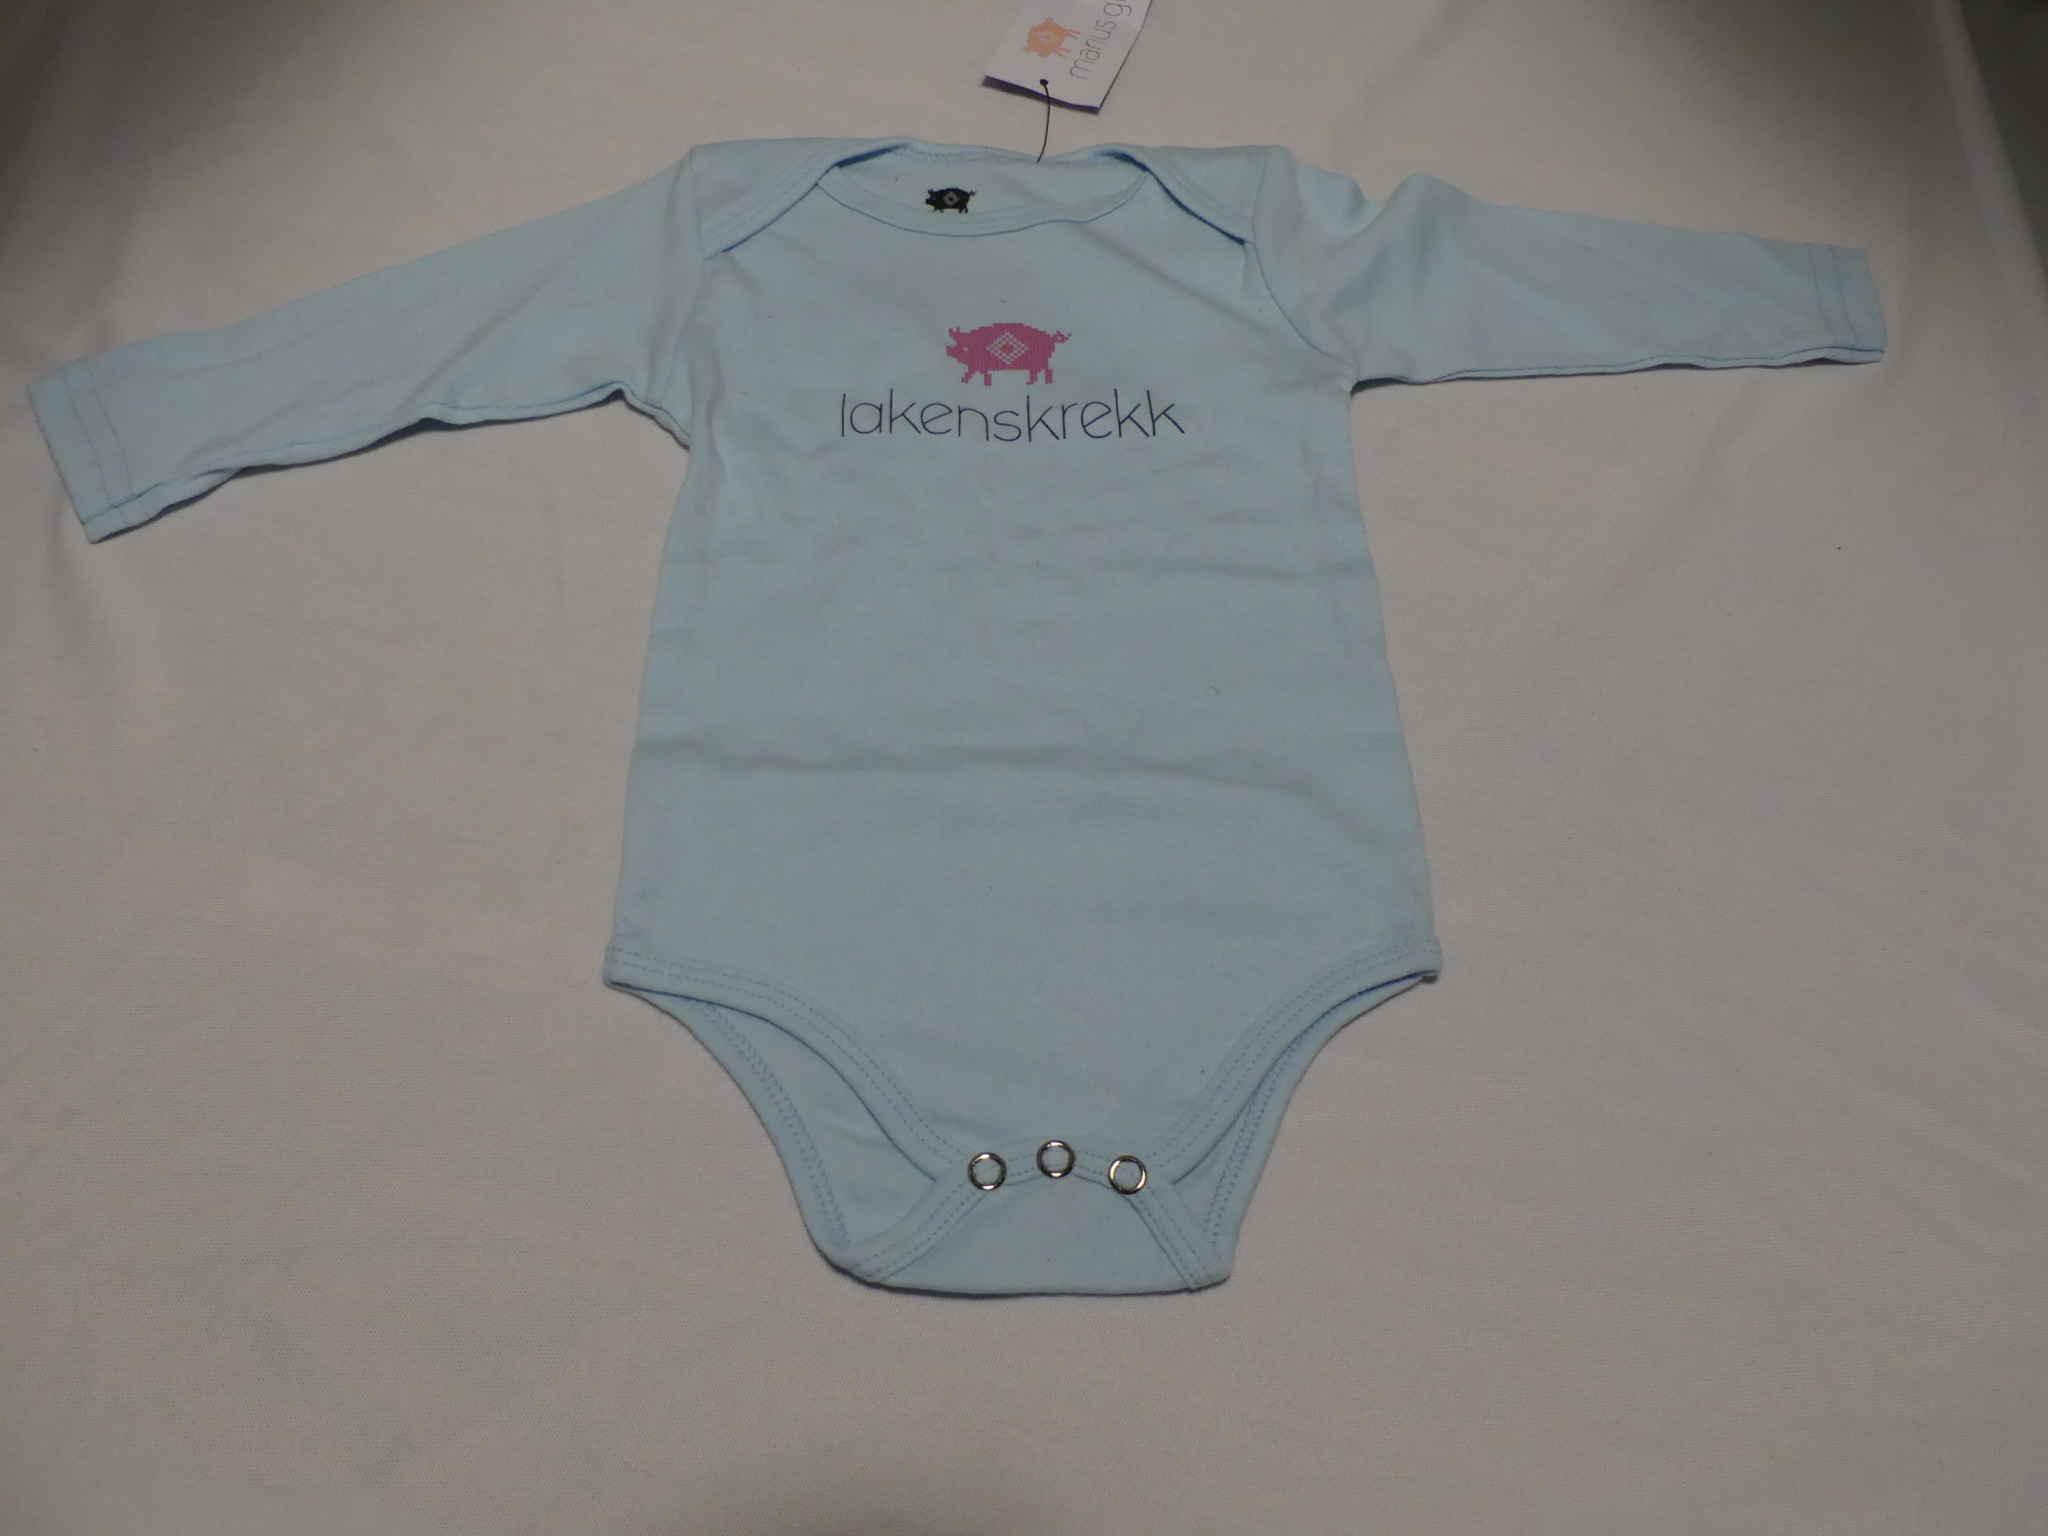 Lakenskrekk body baby 6-12 mnd (lys blå)